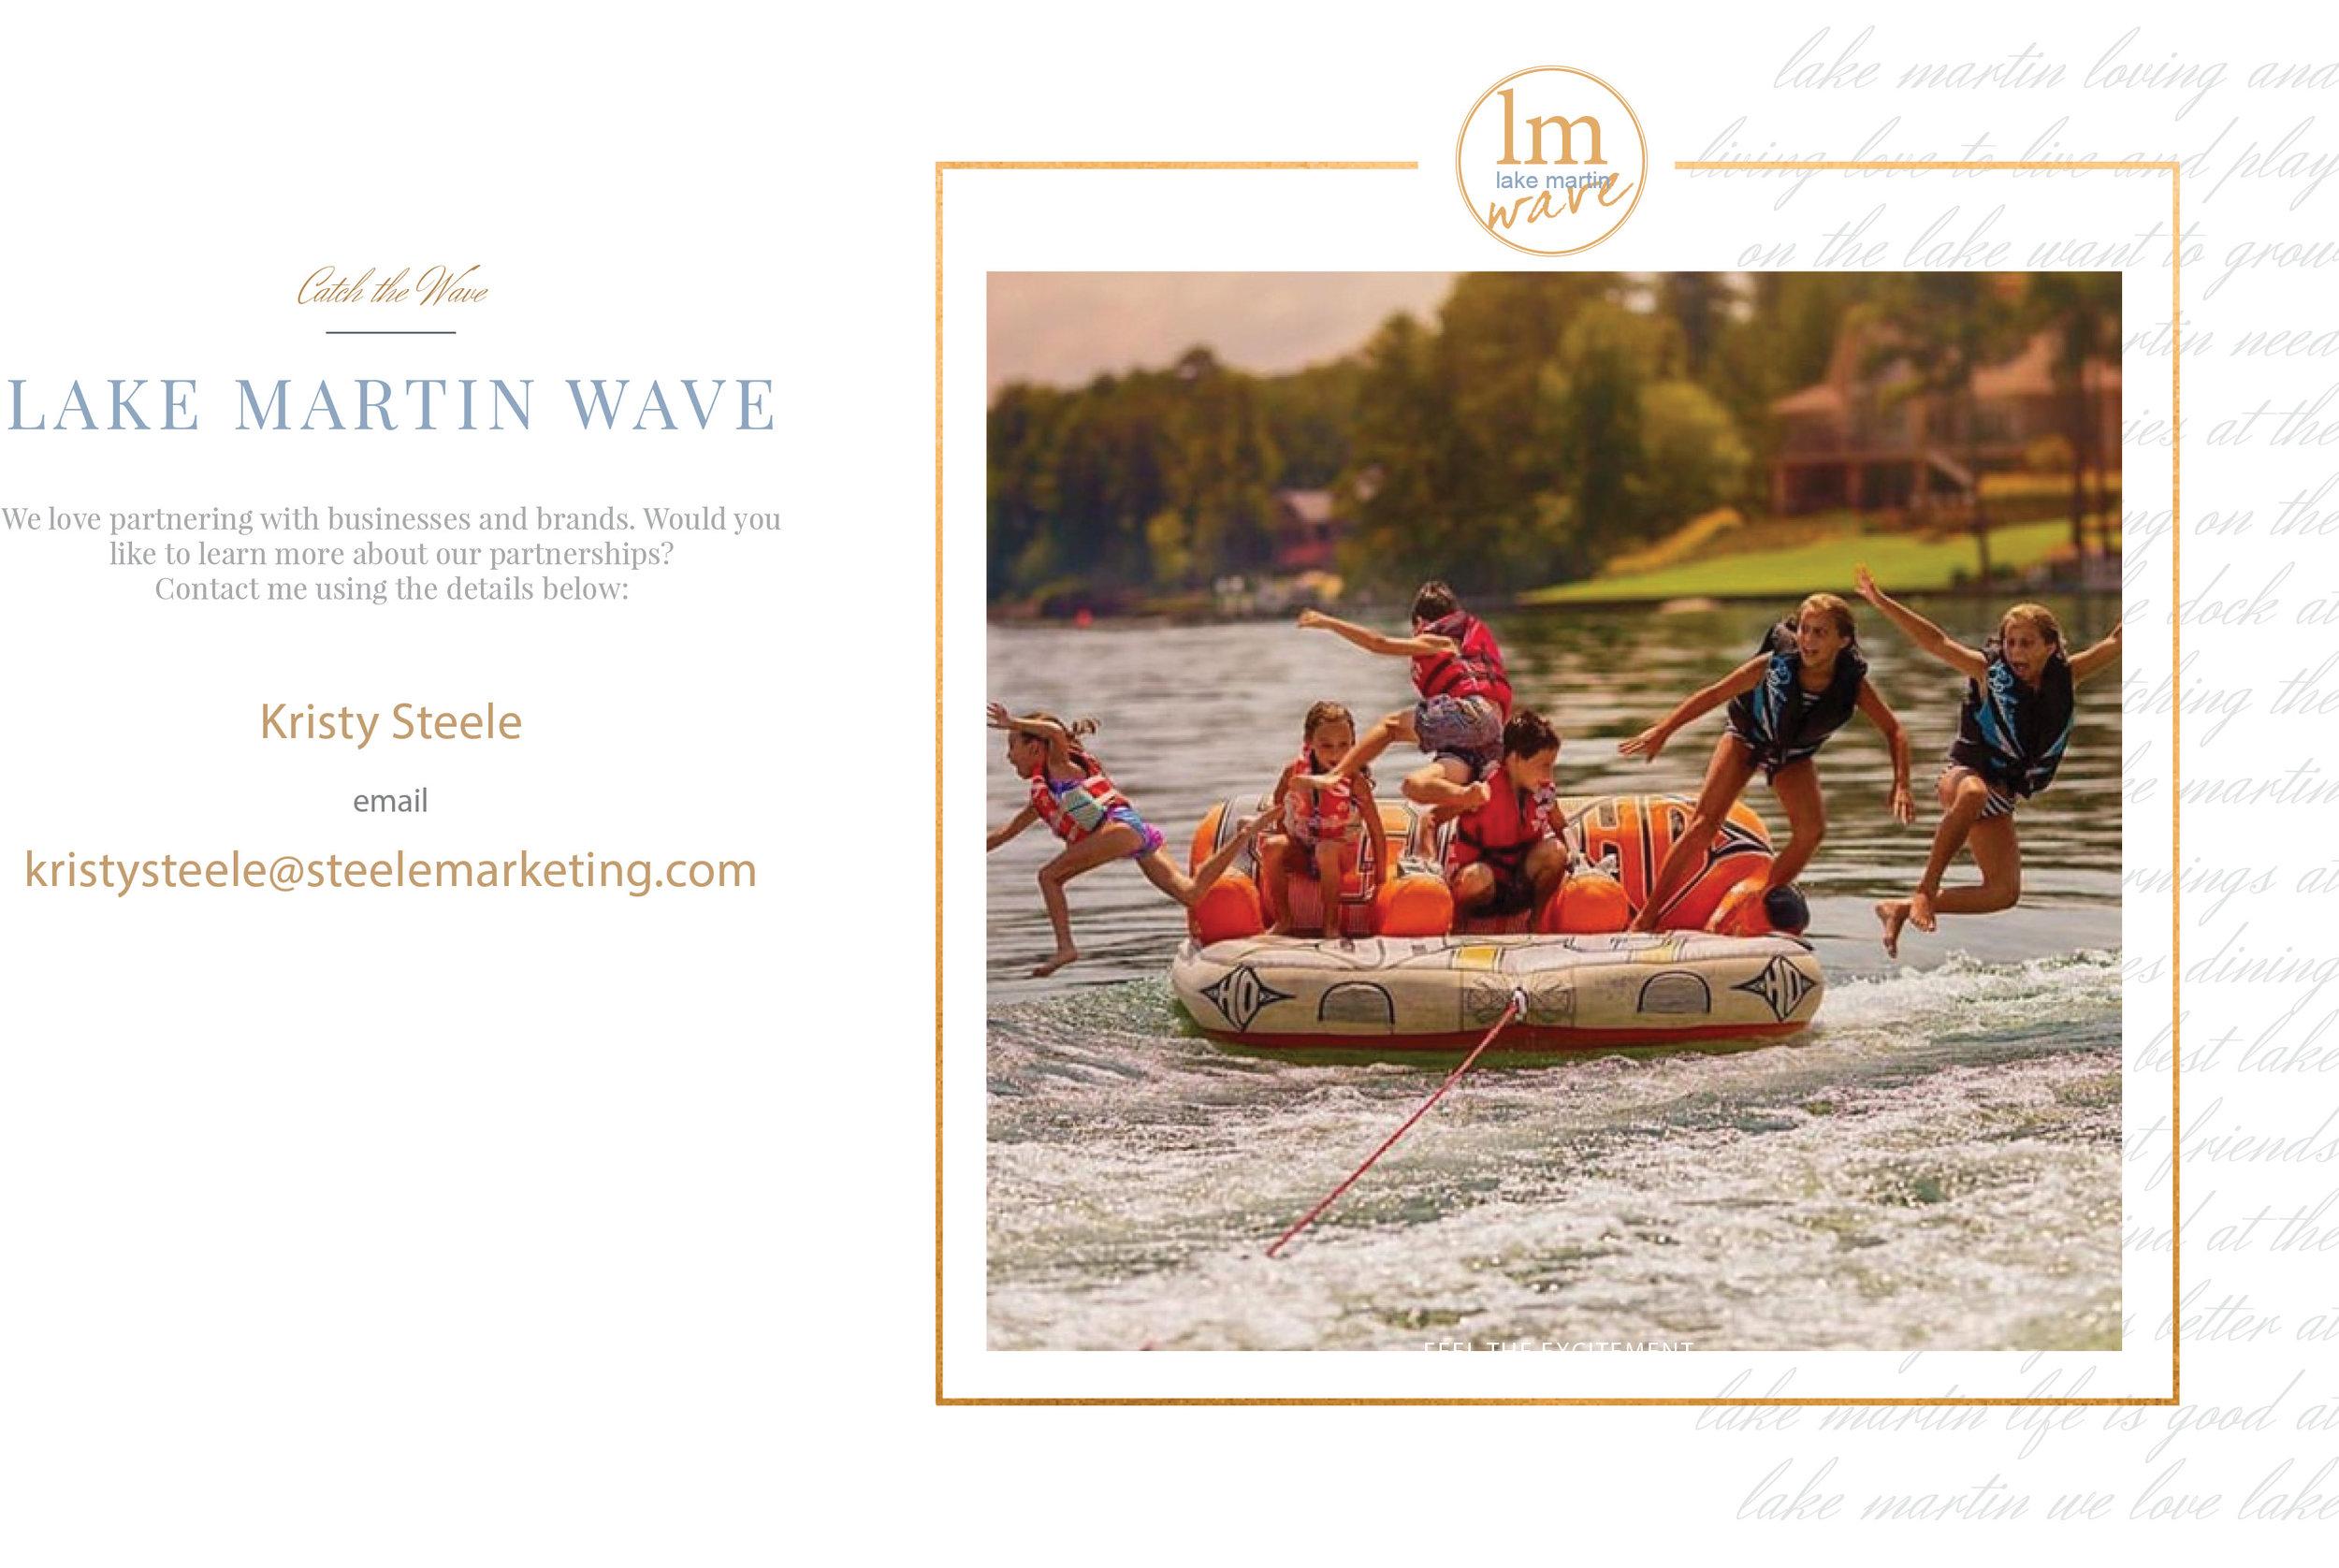 Lake Martin Wave Ads